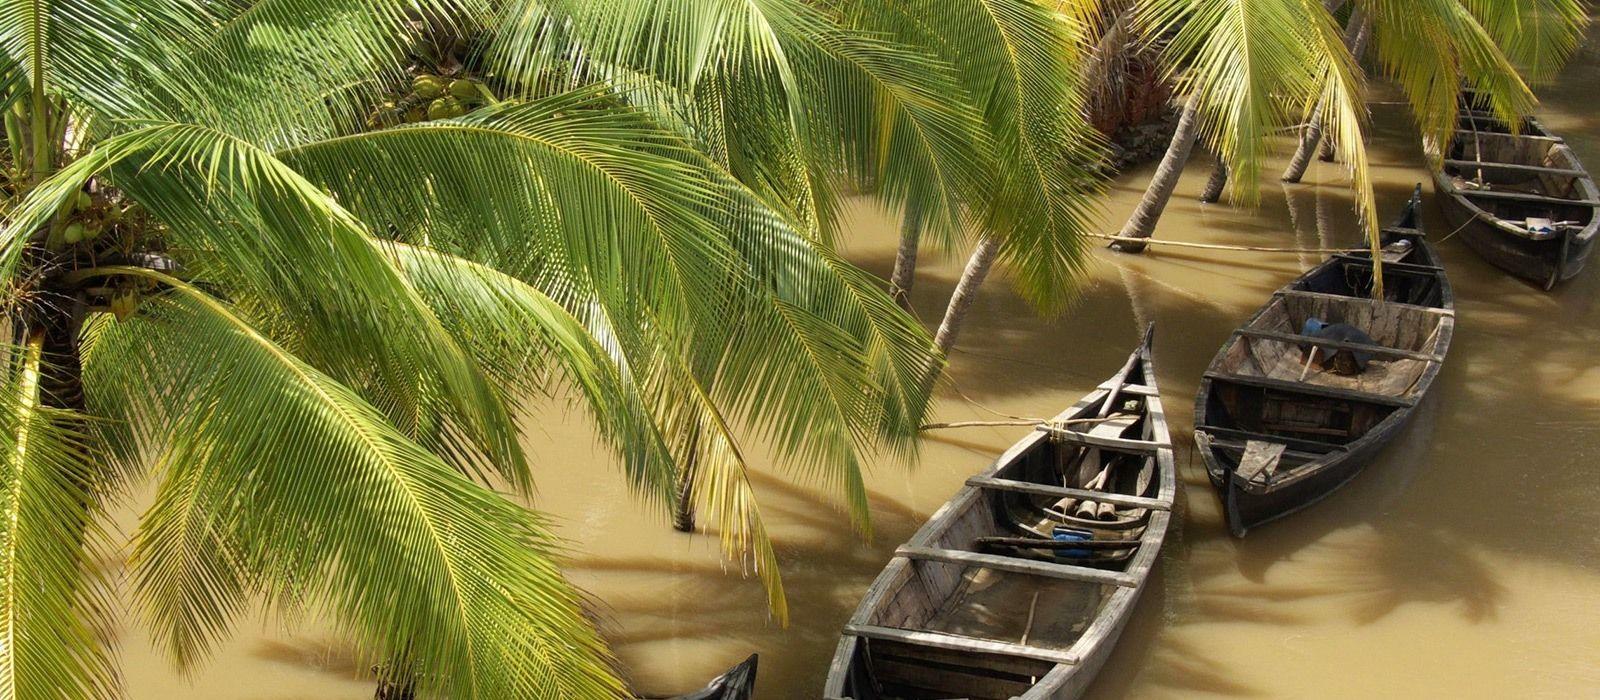 Südindien: Gewürzduft und Artenvielfalt Urlaub 4